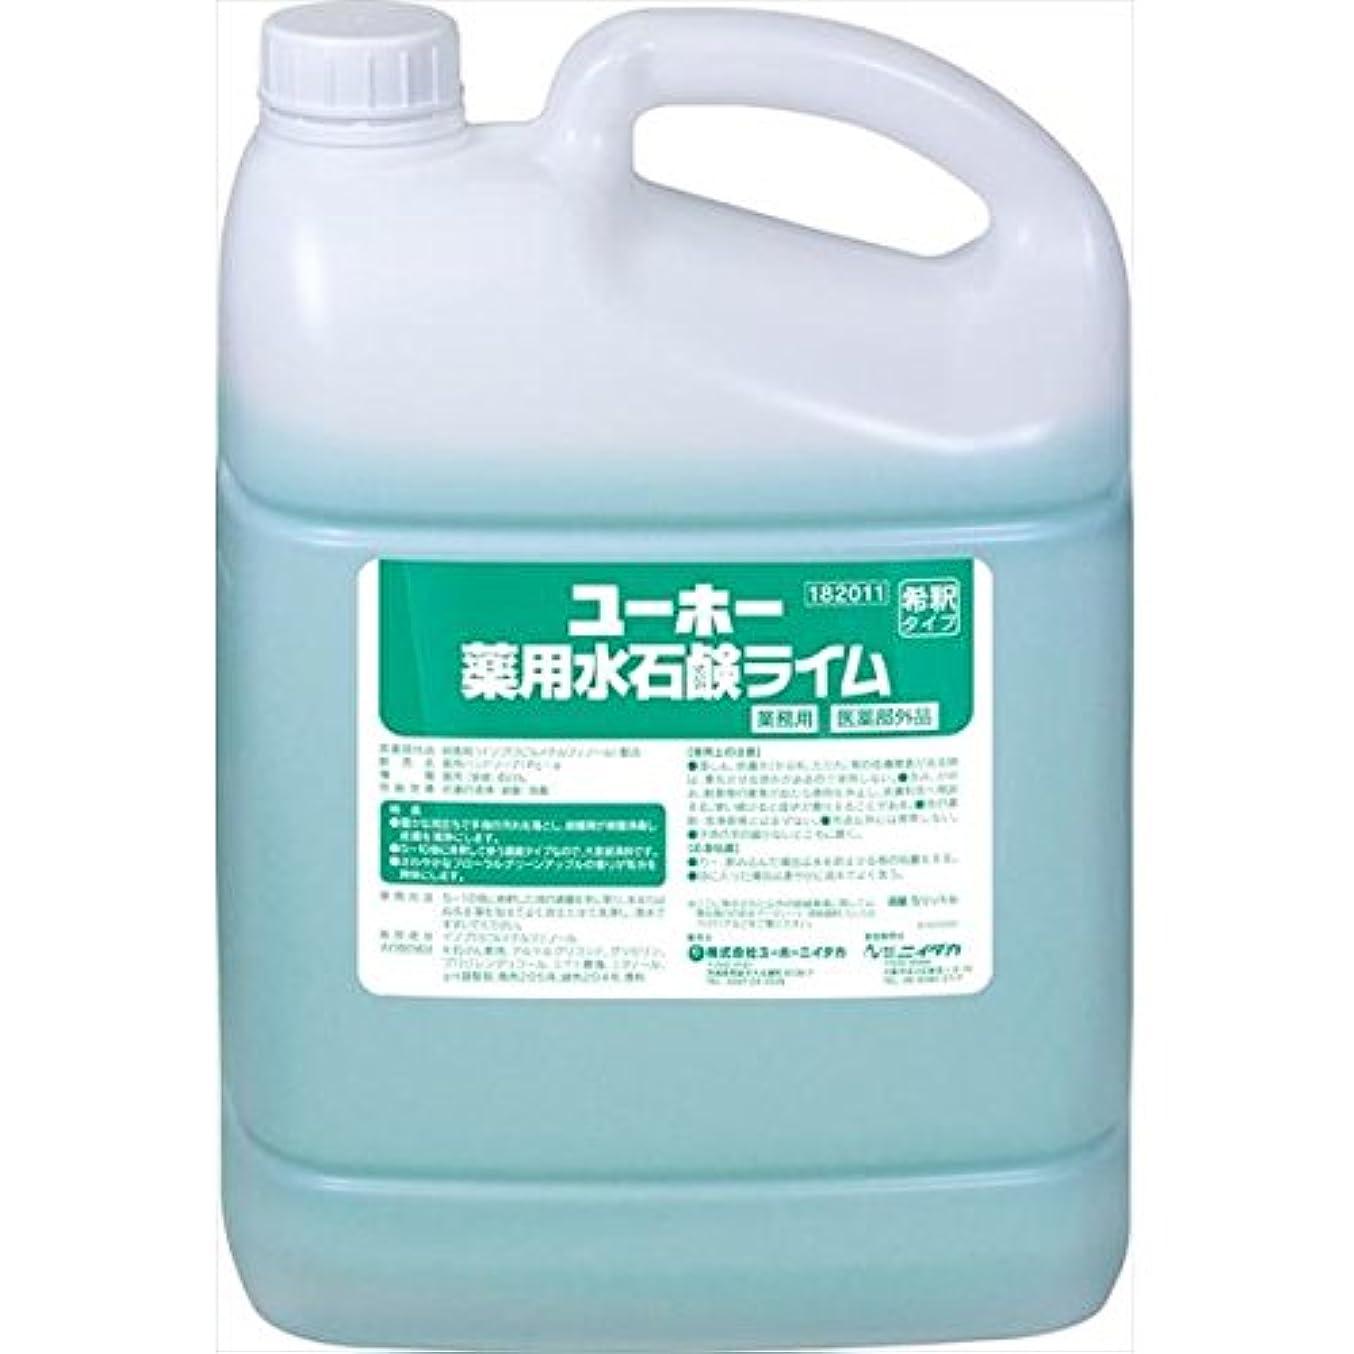 配送理解するトロリーバスユーホーニイタカ:薬用水石鹸ライム 5L×2 182011